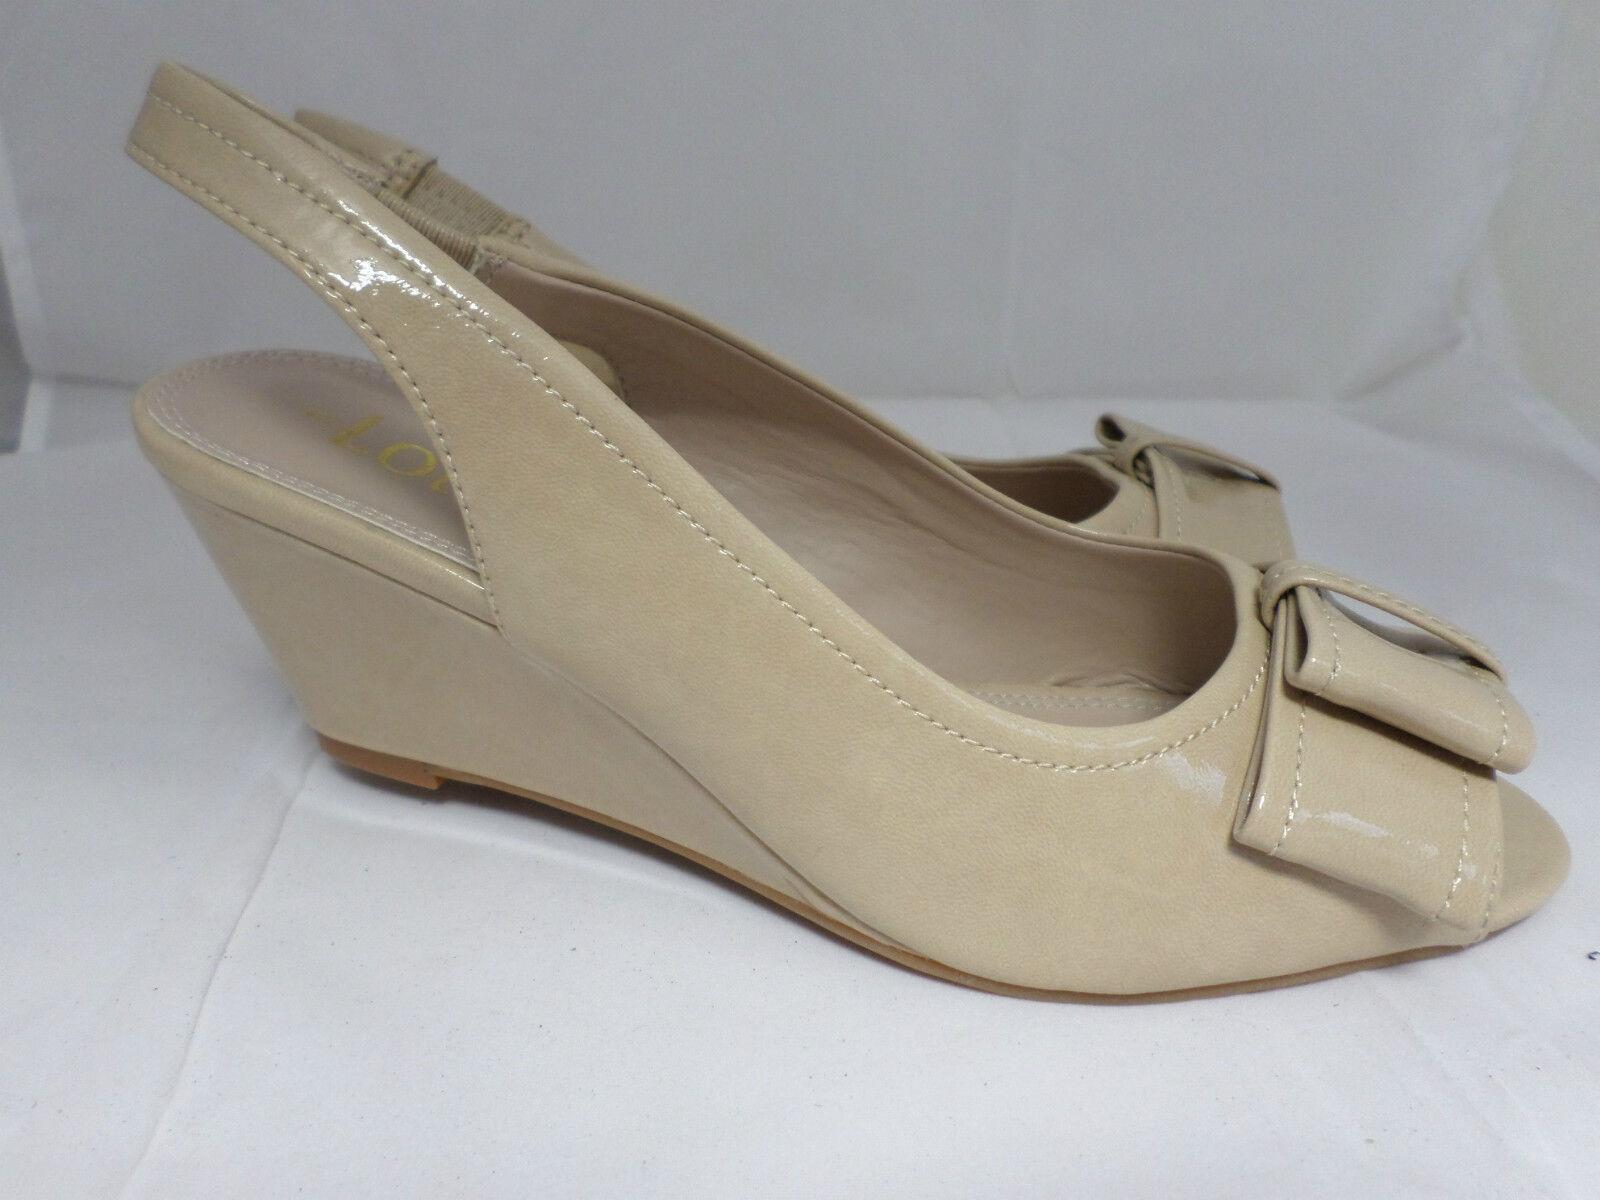 Lotus Lorelle Beige Patent Wedge Sling-Back Sandals Size 5 Uk EM 652